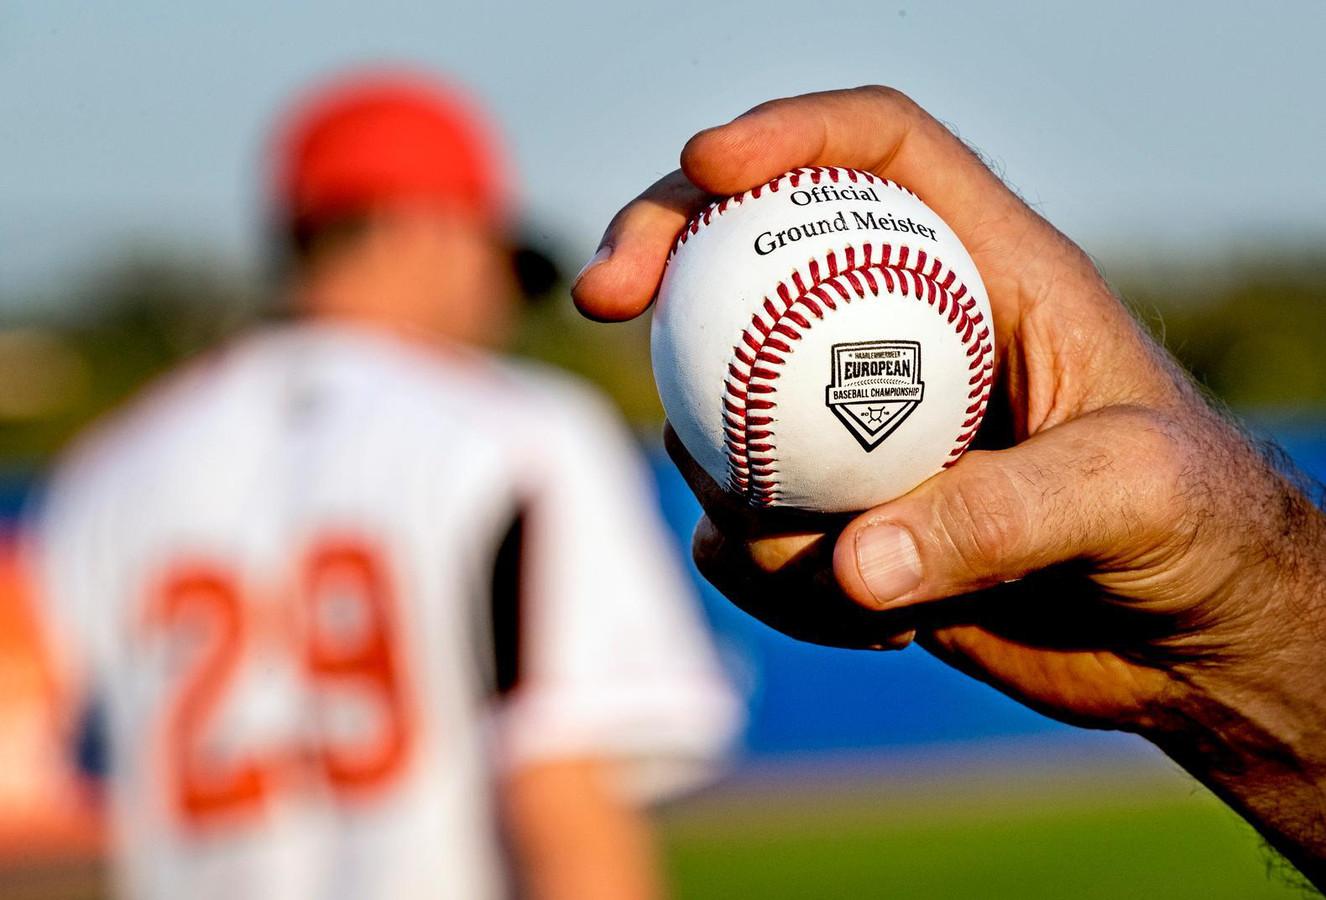 Eén van de dik 2000 ballen, die op dit moment bij het Europees kampioenschap honkbal in Nederland worden gebruikt.